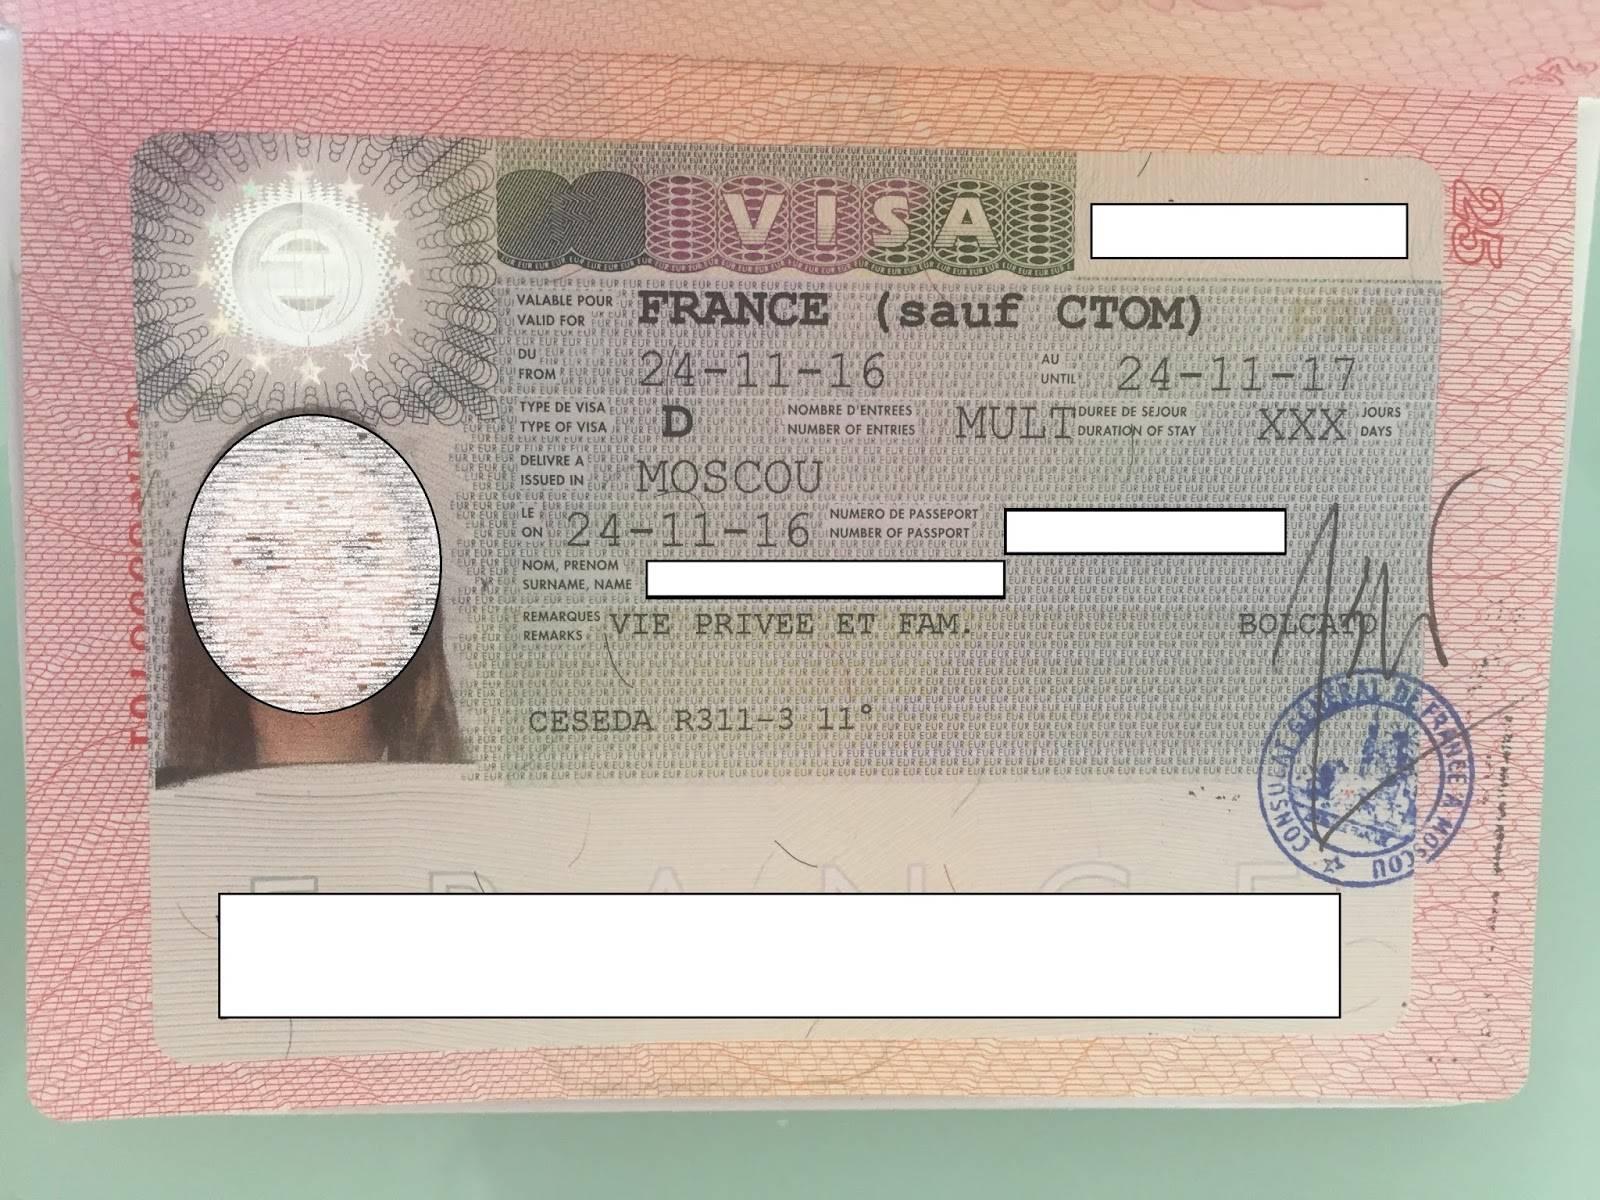 Правило первого въезда в шенген в 2021 году: обязательно ли въезжать через страну выдавшую визу